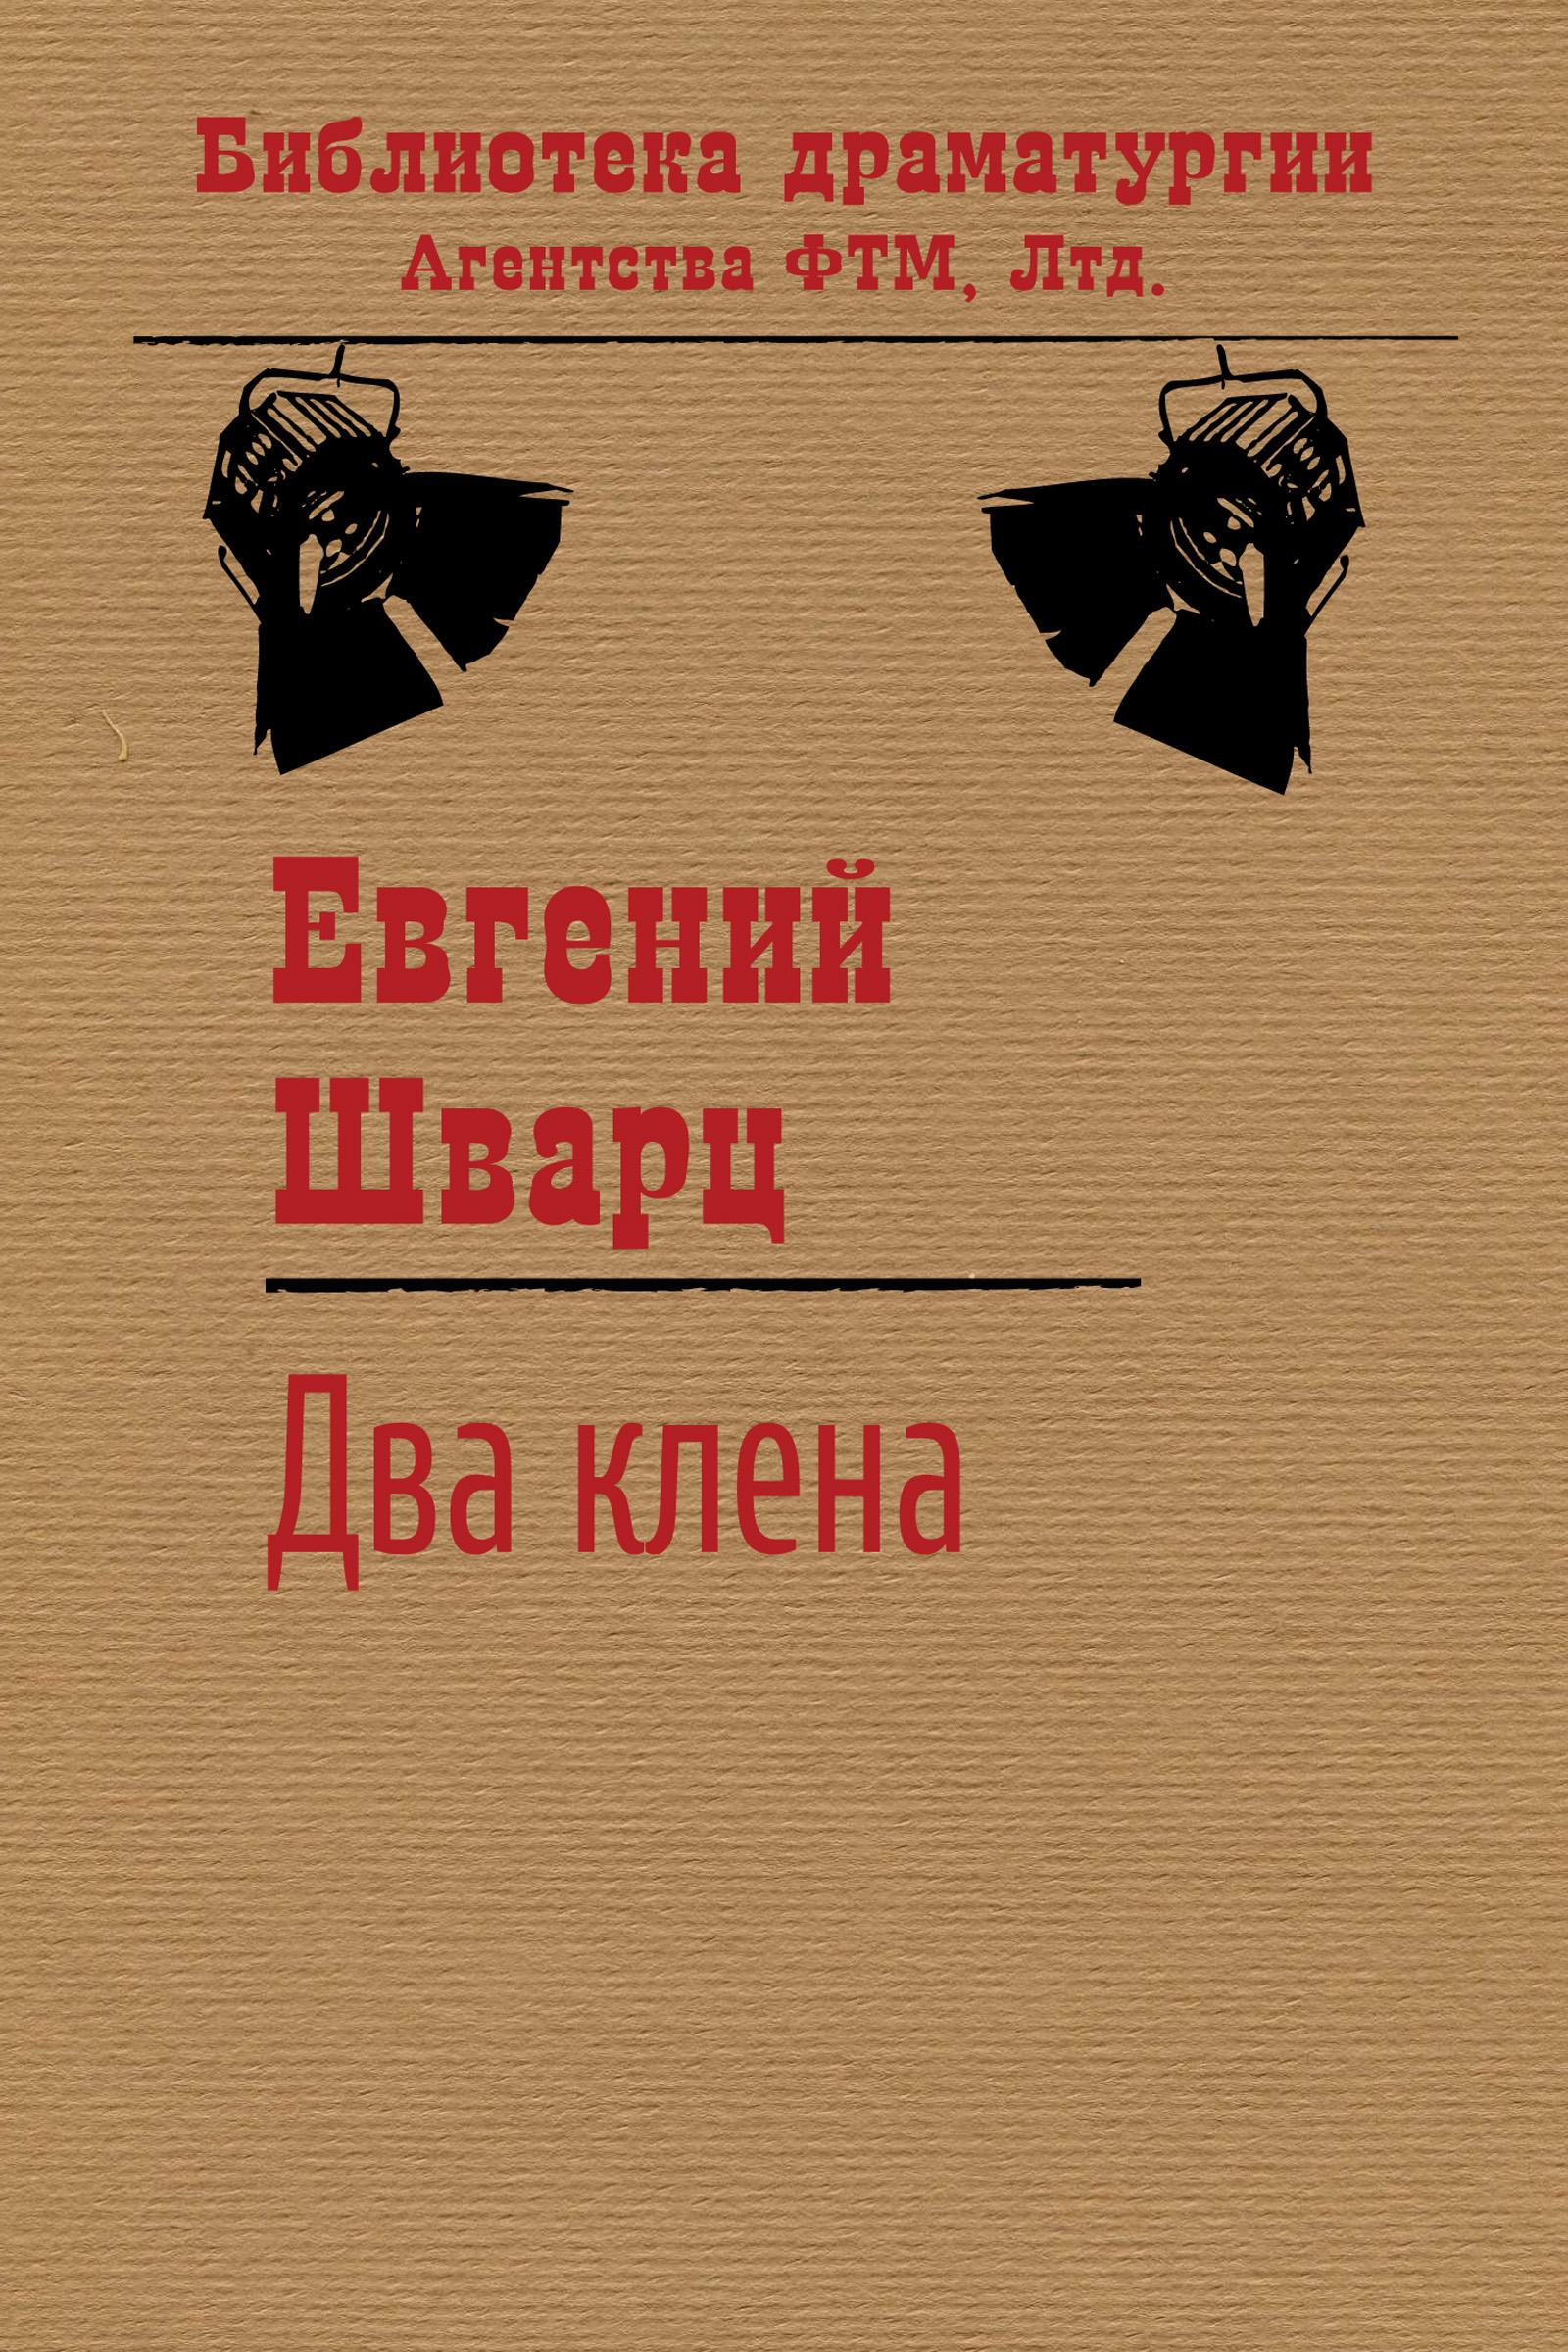 Евгений Шварц Два клена ид леда книга пазл на лесной поляне